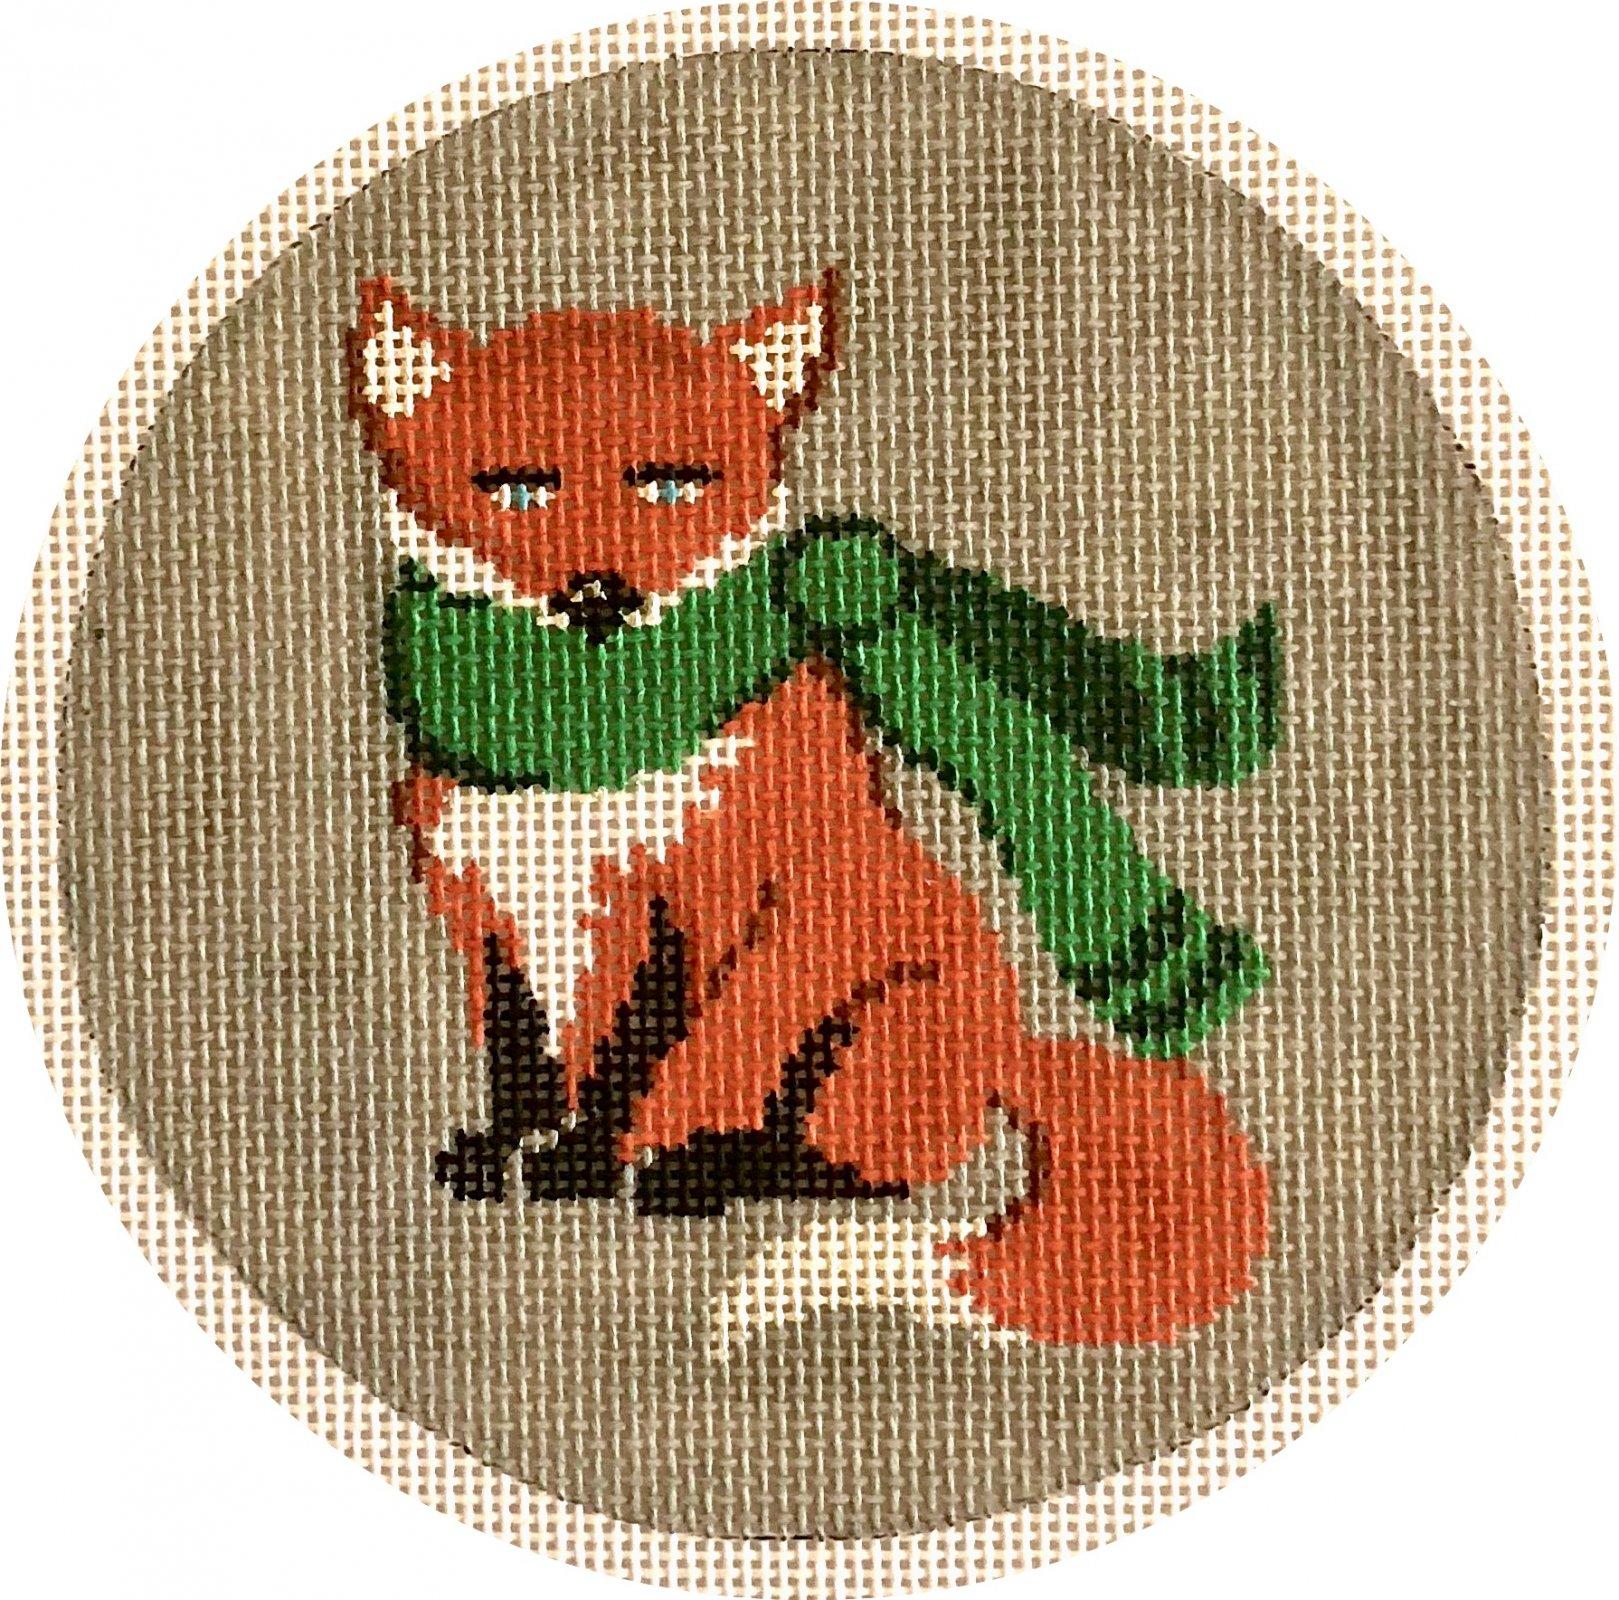 fox w green scarf